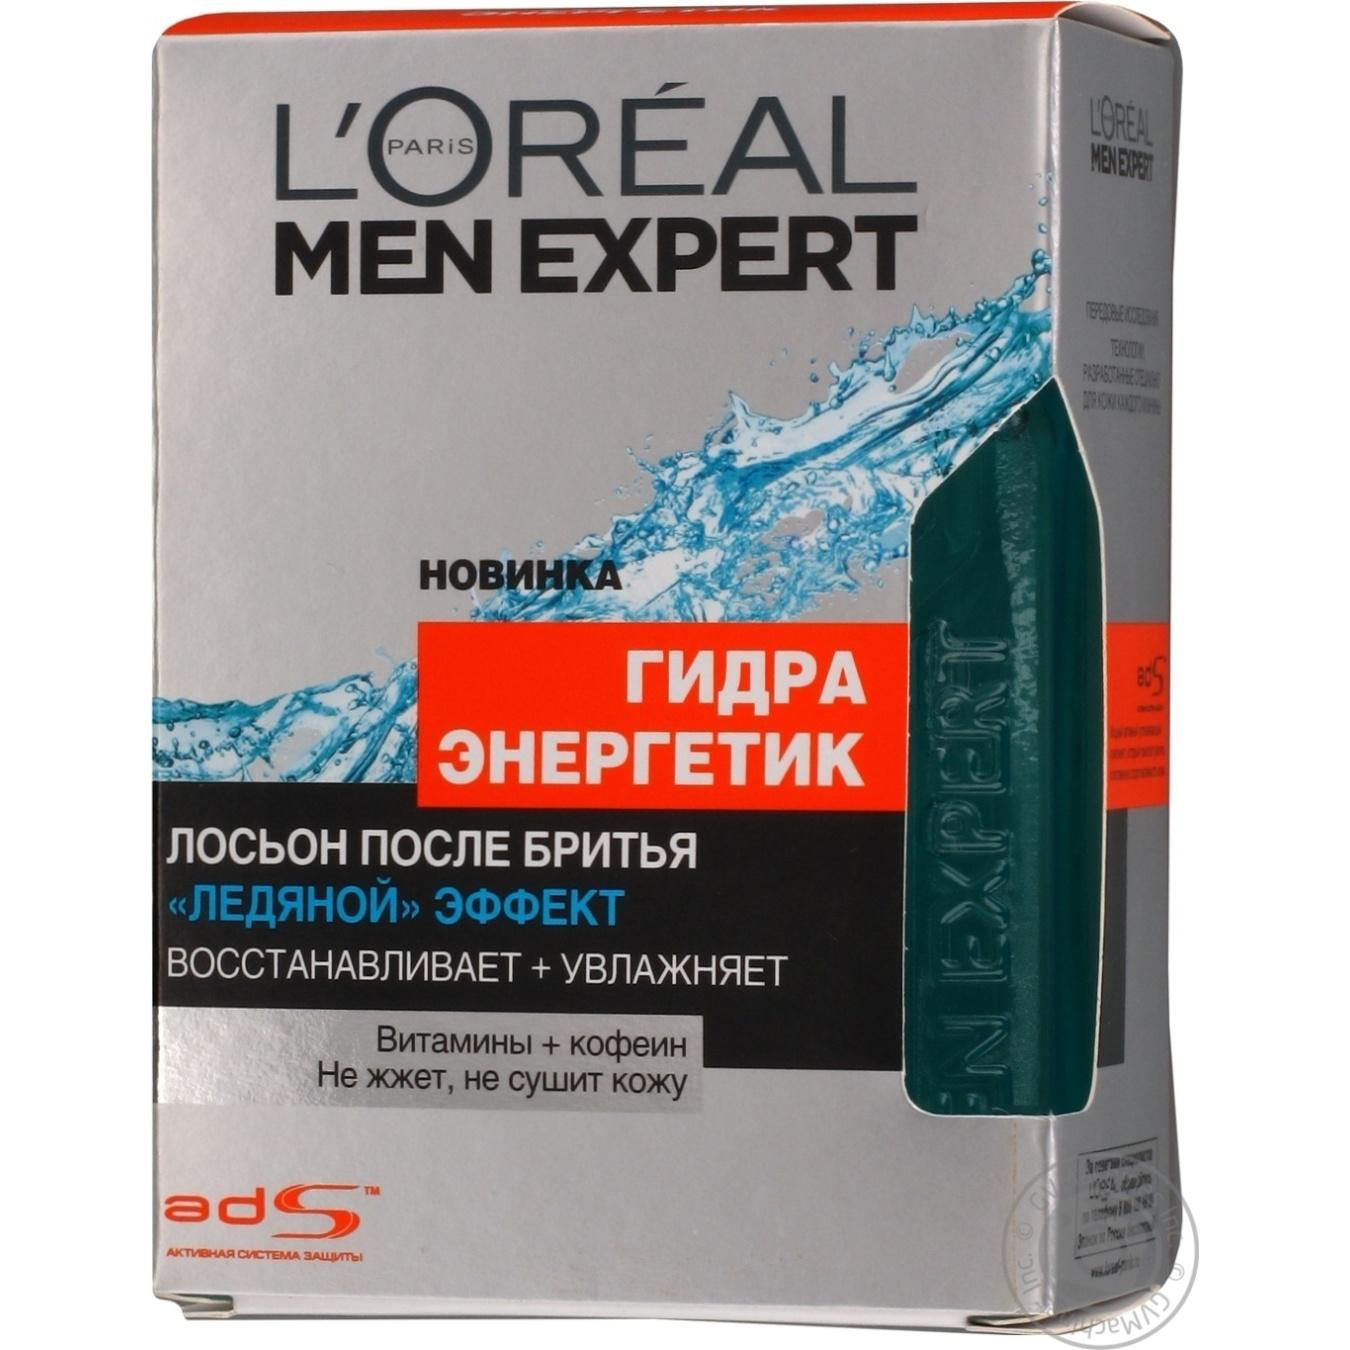 Купить Лосьон L'Oreal Men Expert Гидра энергетик после бритья 100мл